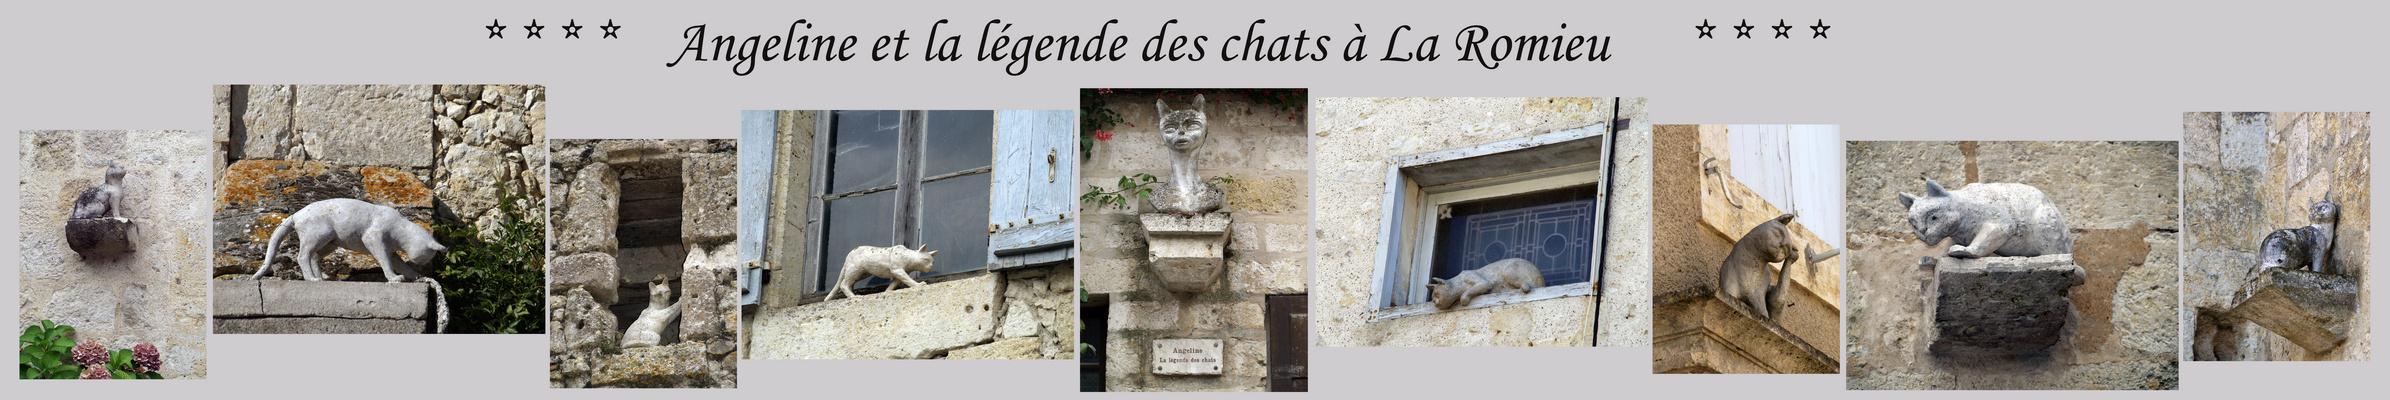 La Romieu - Angéline et la légende des chats – Angeline und die Katzenlegende